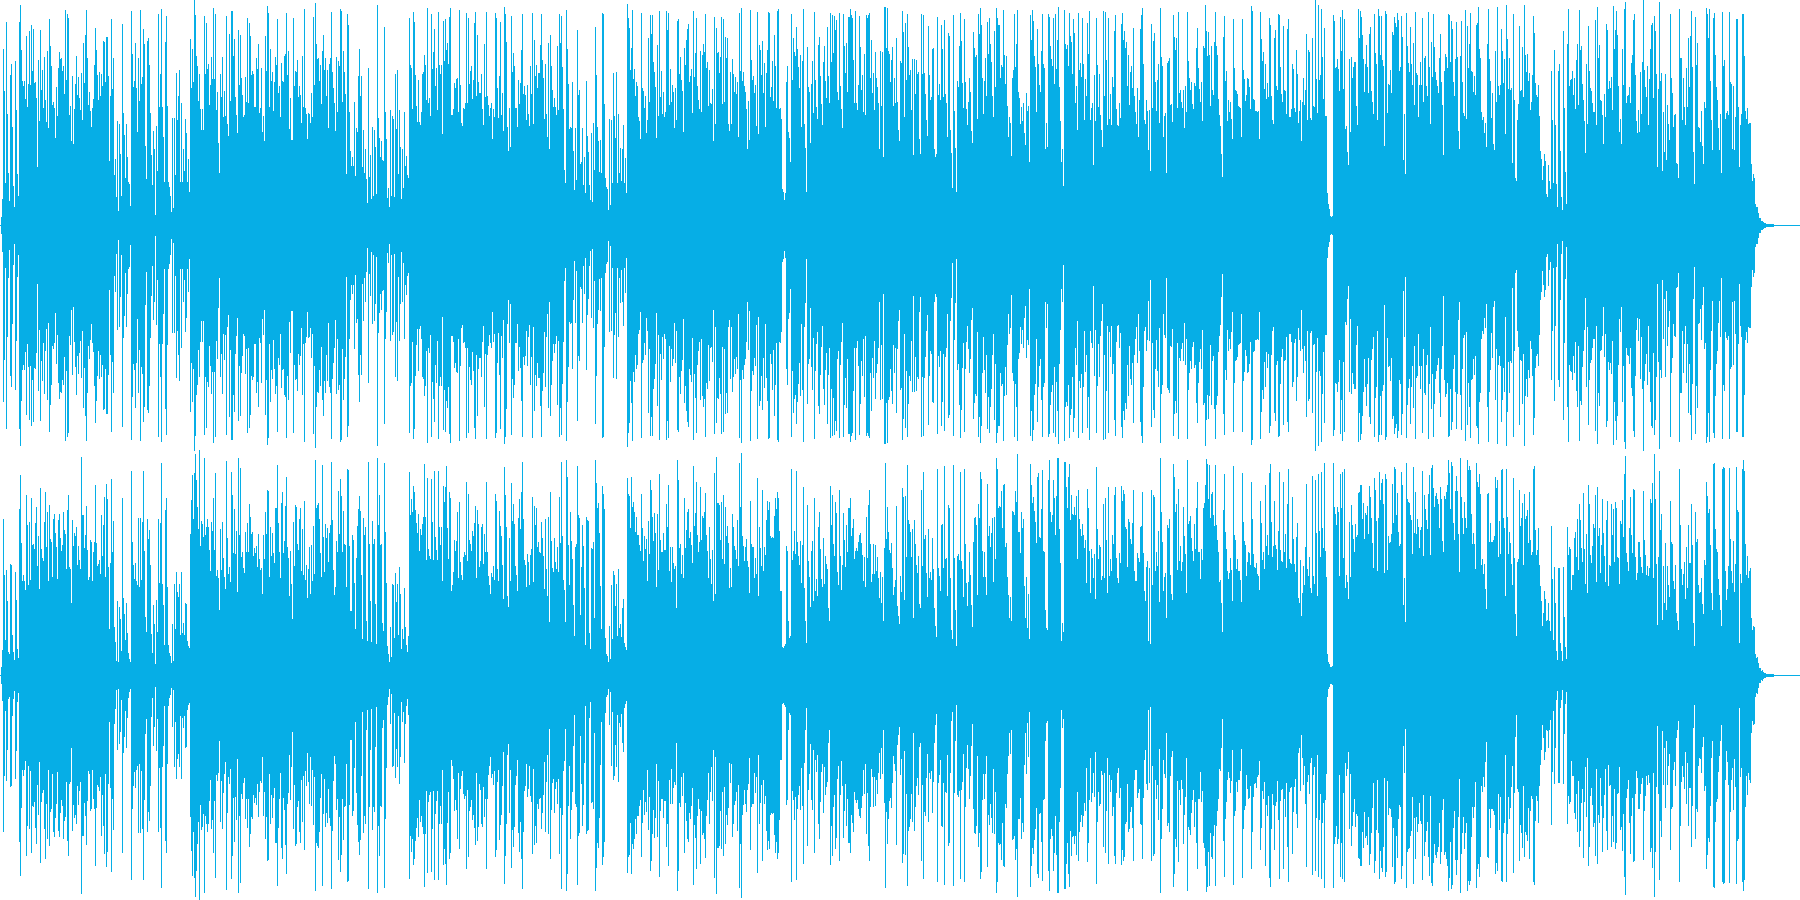 南国を思わせるようなインフォメーション曲の再生済みの波形